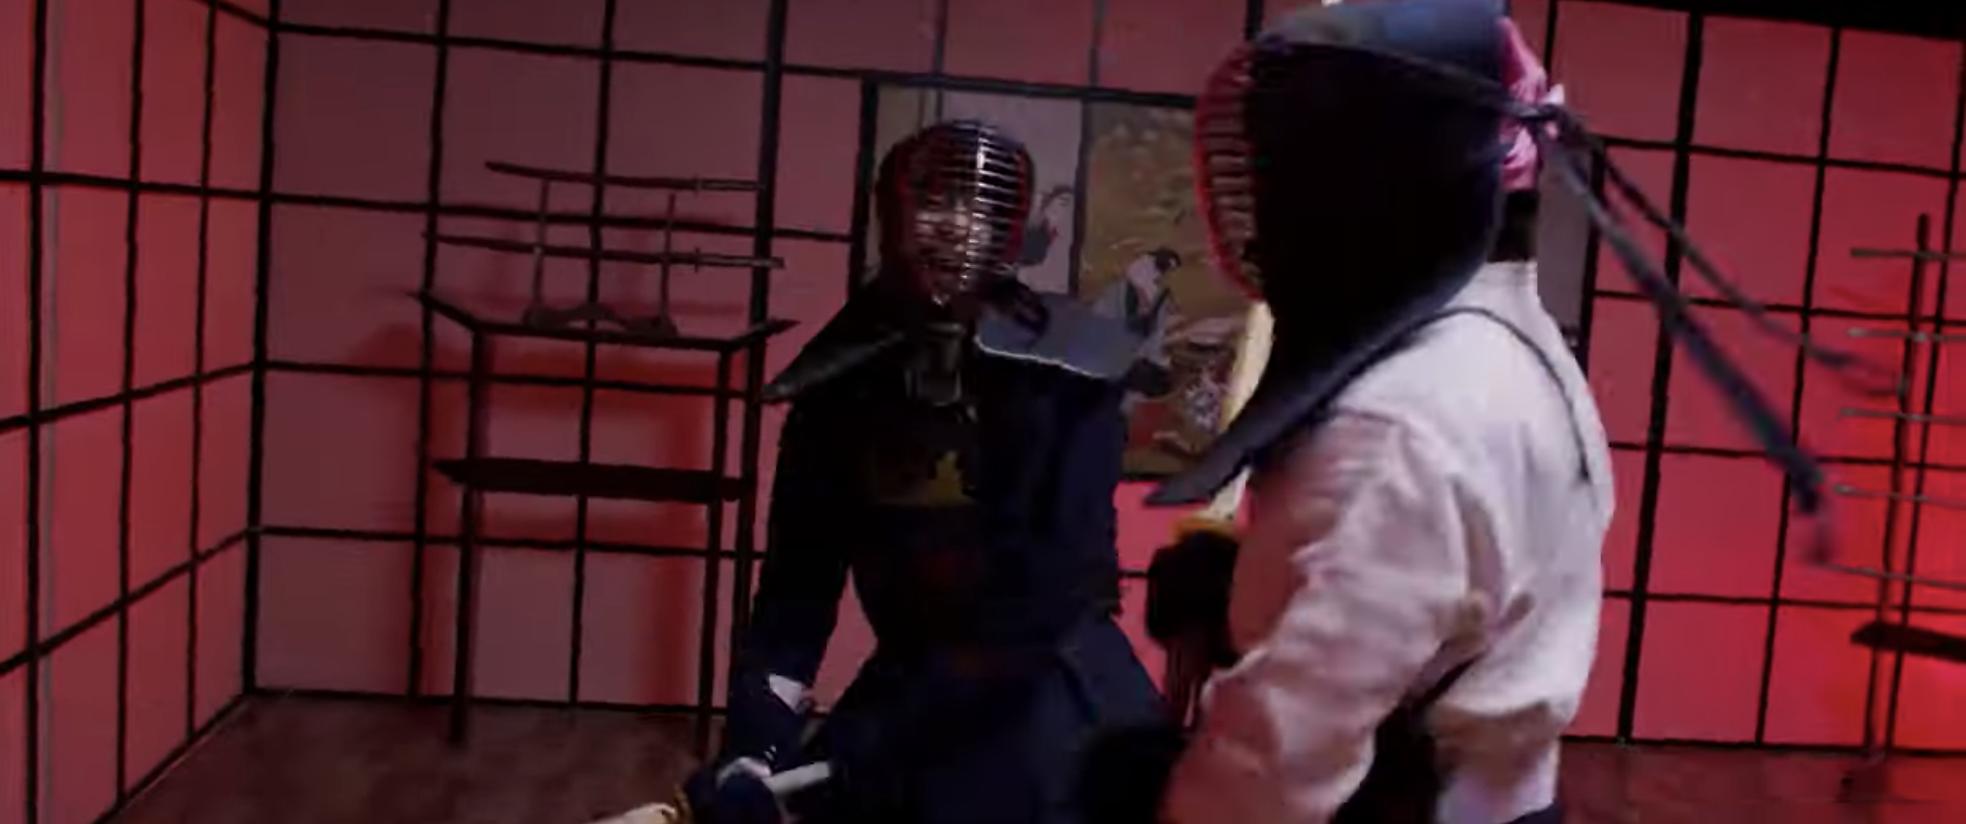 B Trần và Harry Lu lộ clip đấu kiếm kendo đẹp mãn nhãn ở Thật Tuyệt Vời Khi Ở Bên Em - Ảnh 9.